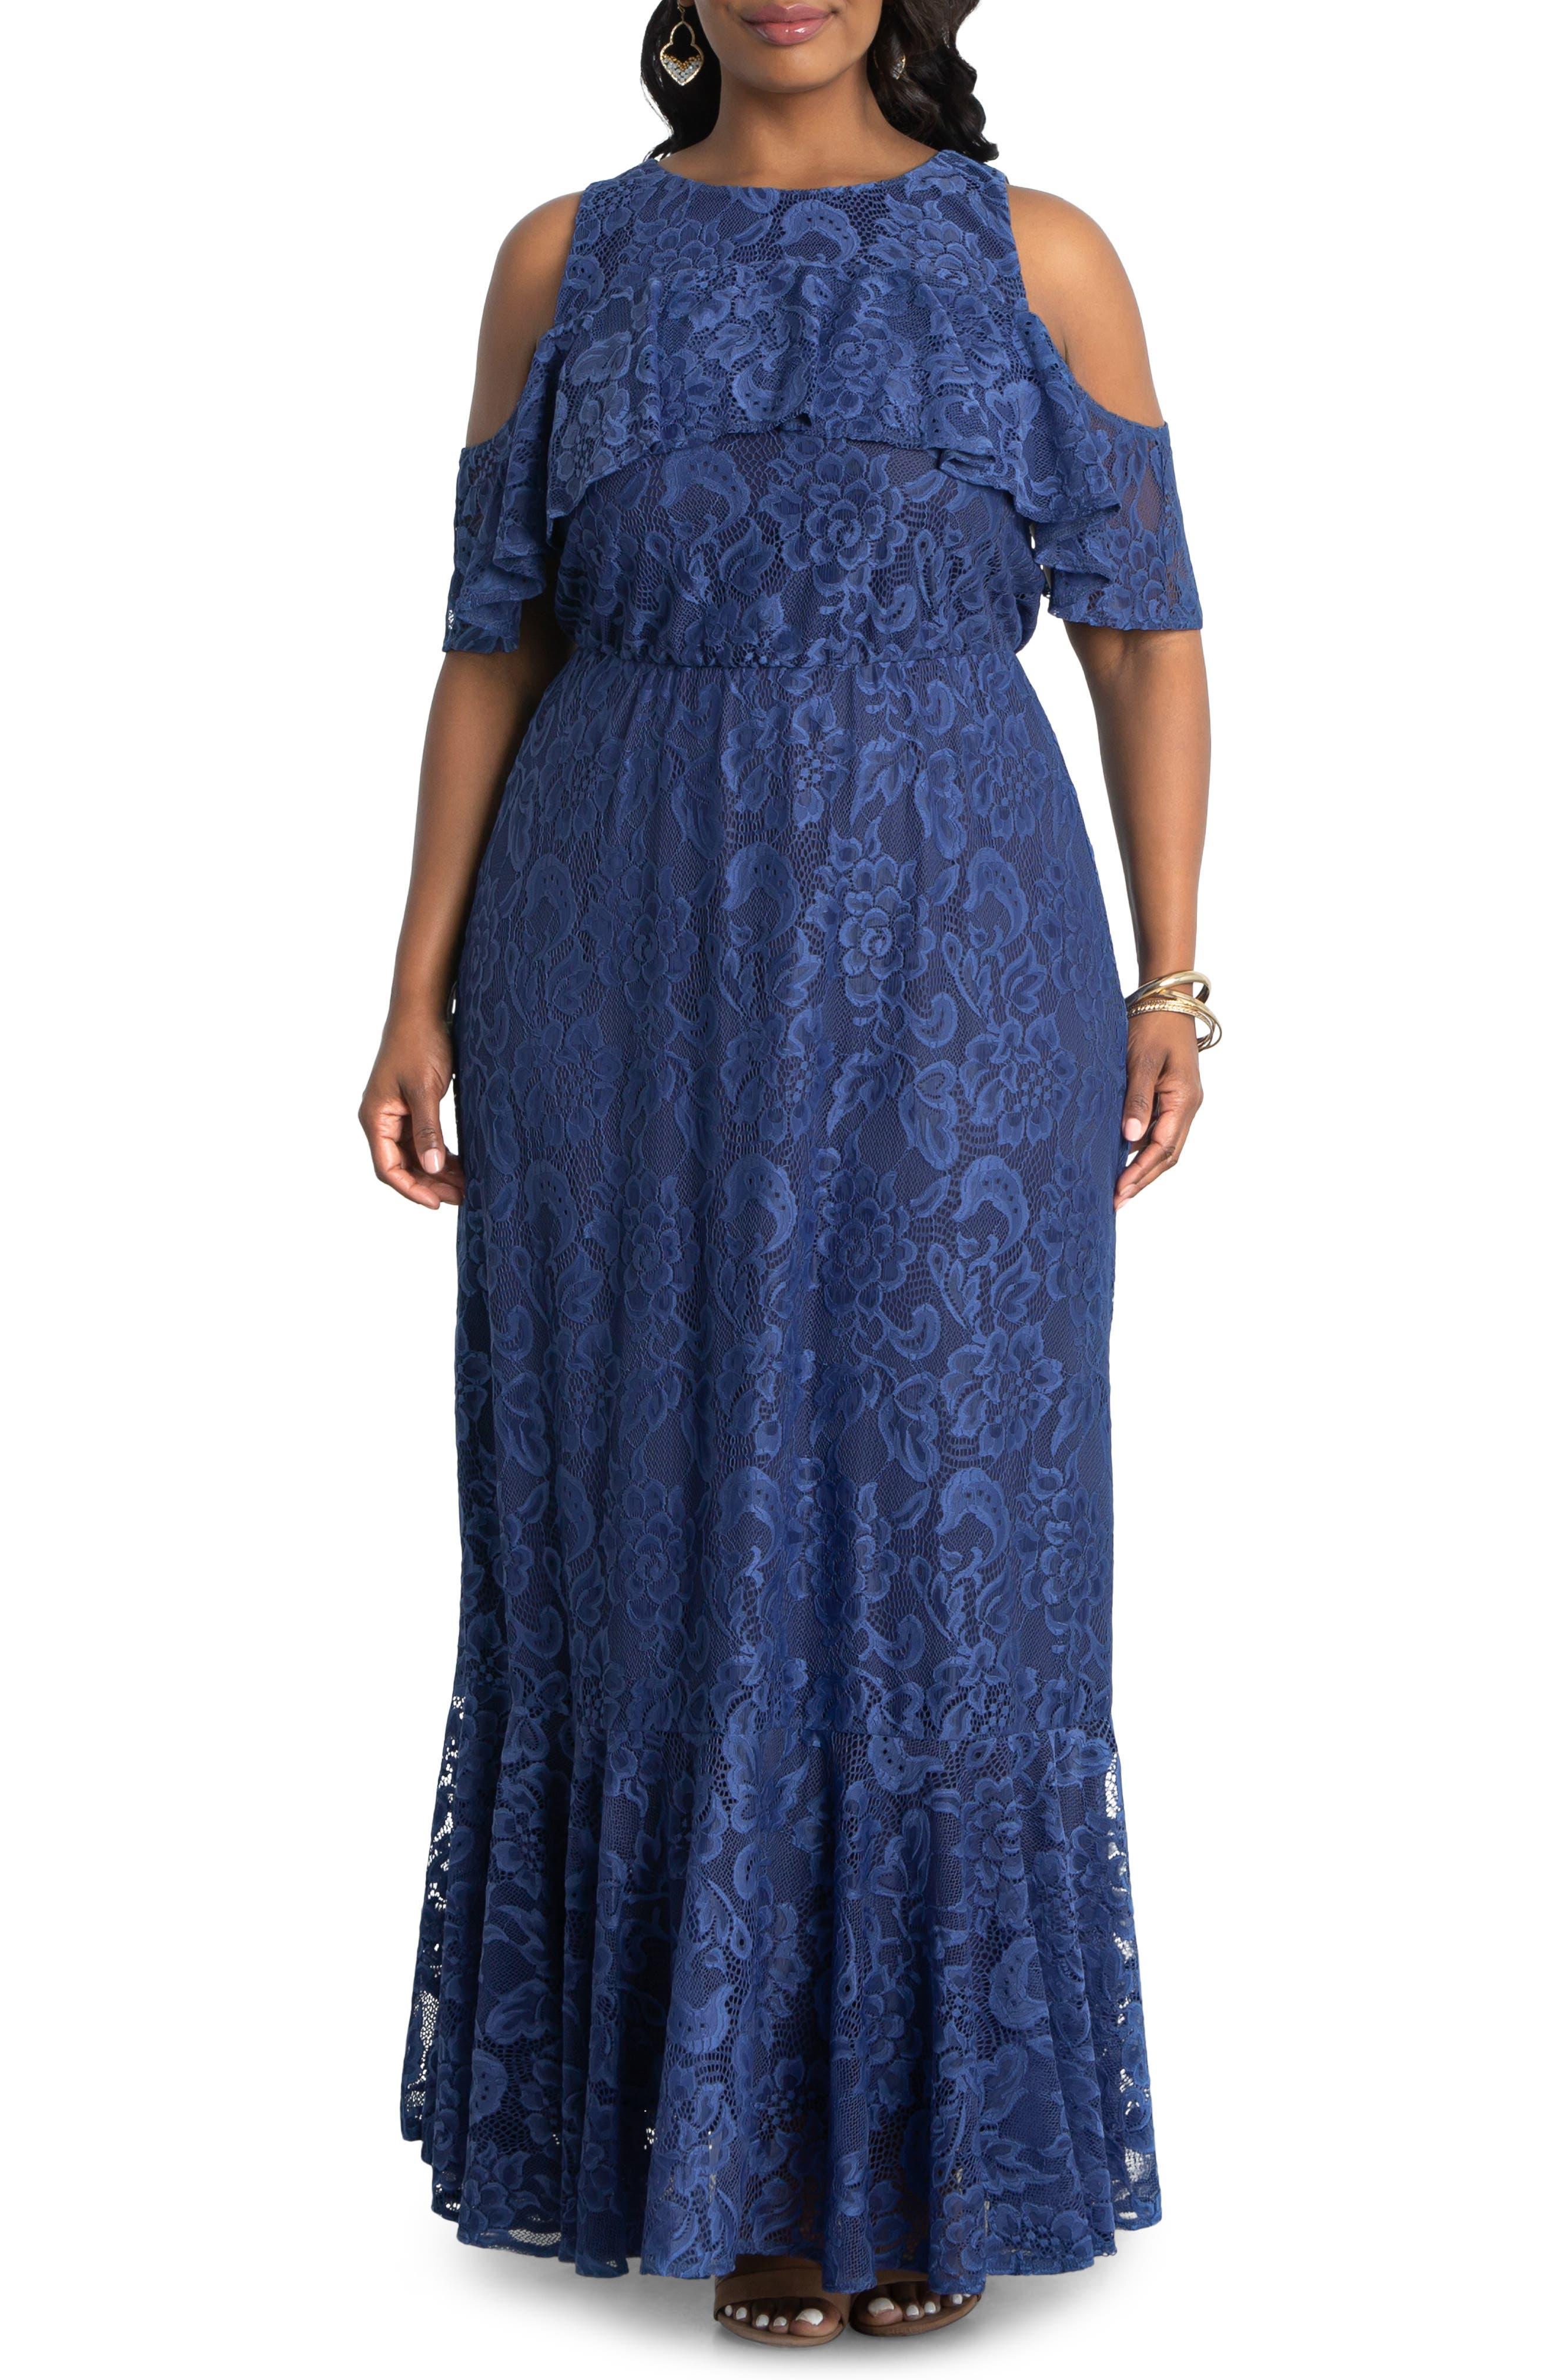 Riviera Cold Shoulder Lace Dress